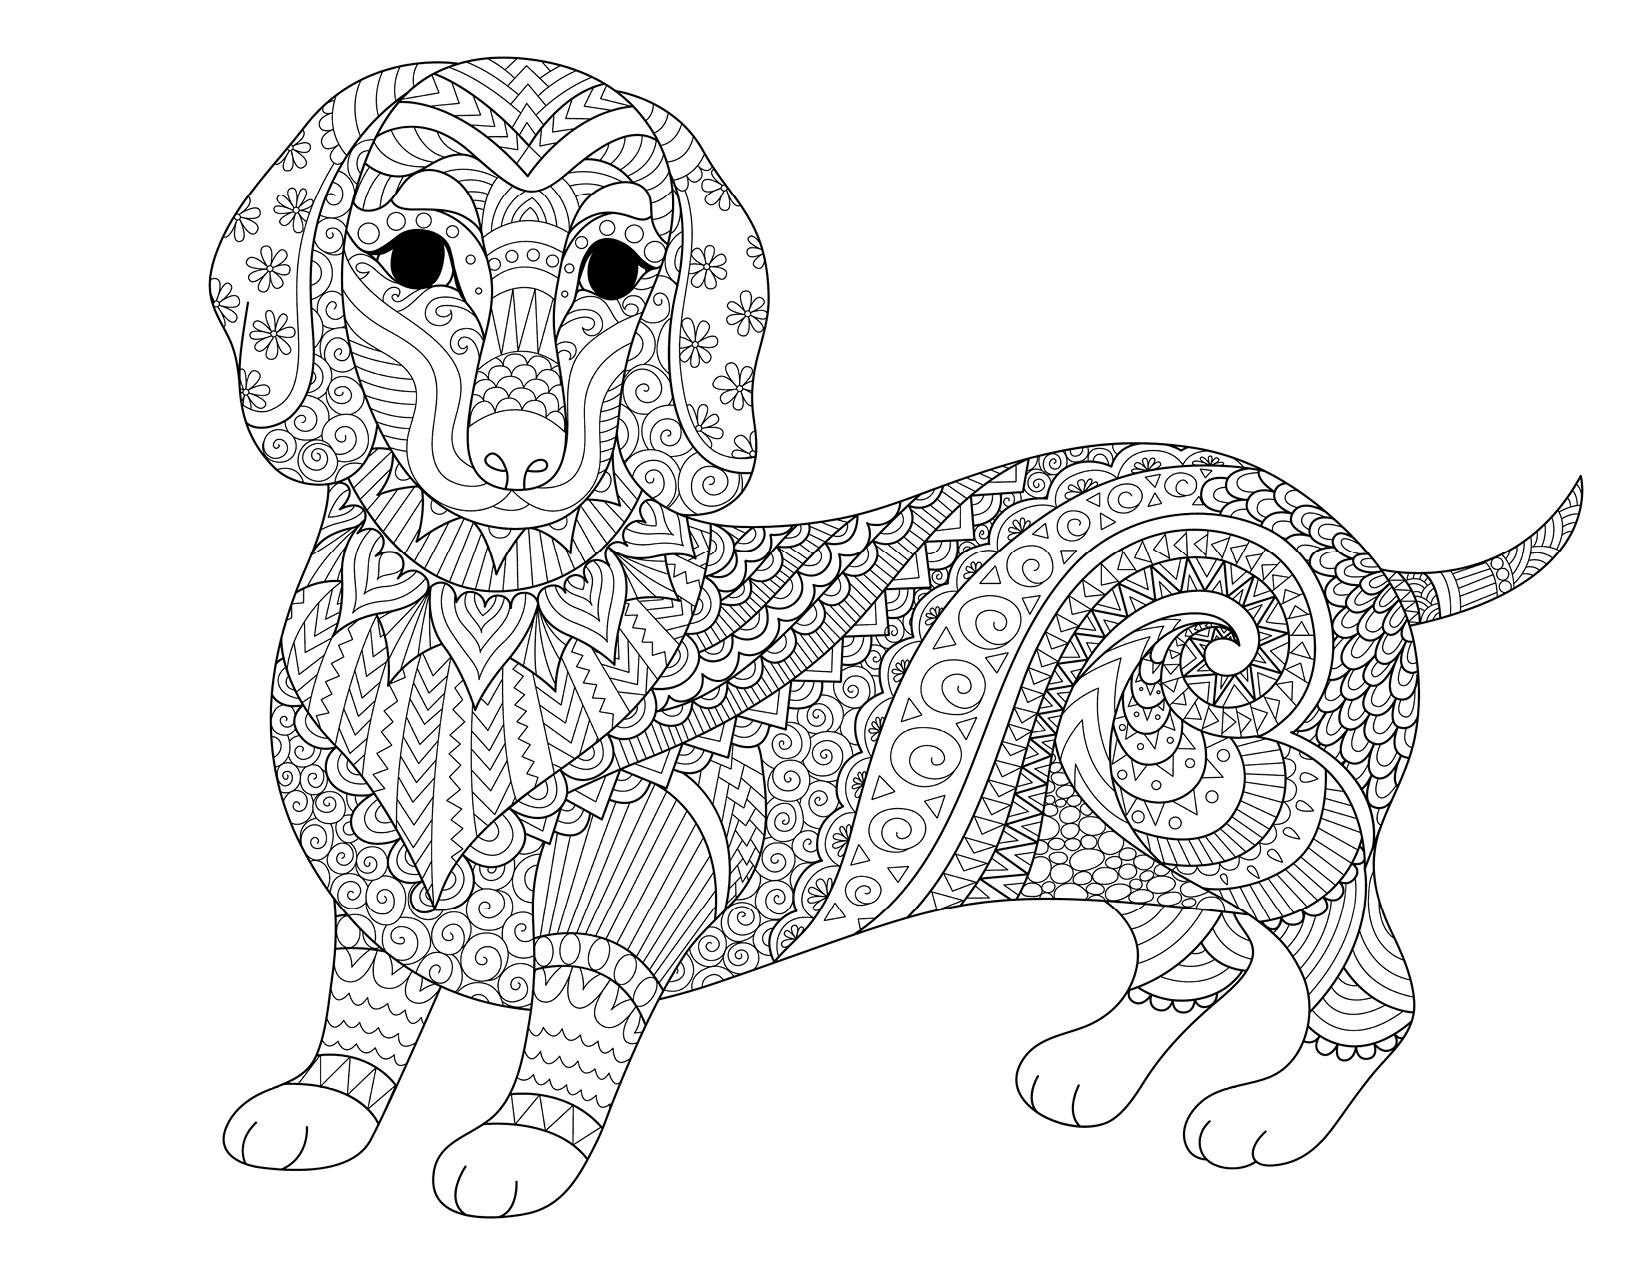 Coloriage de chien la thérapie dessin par Bimbimkha ...